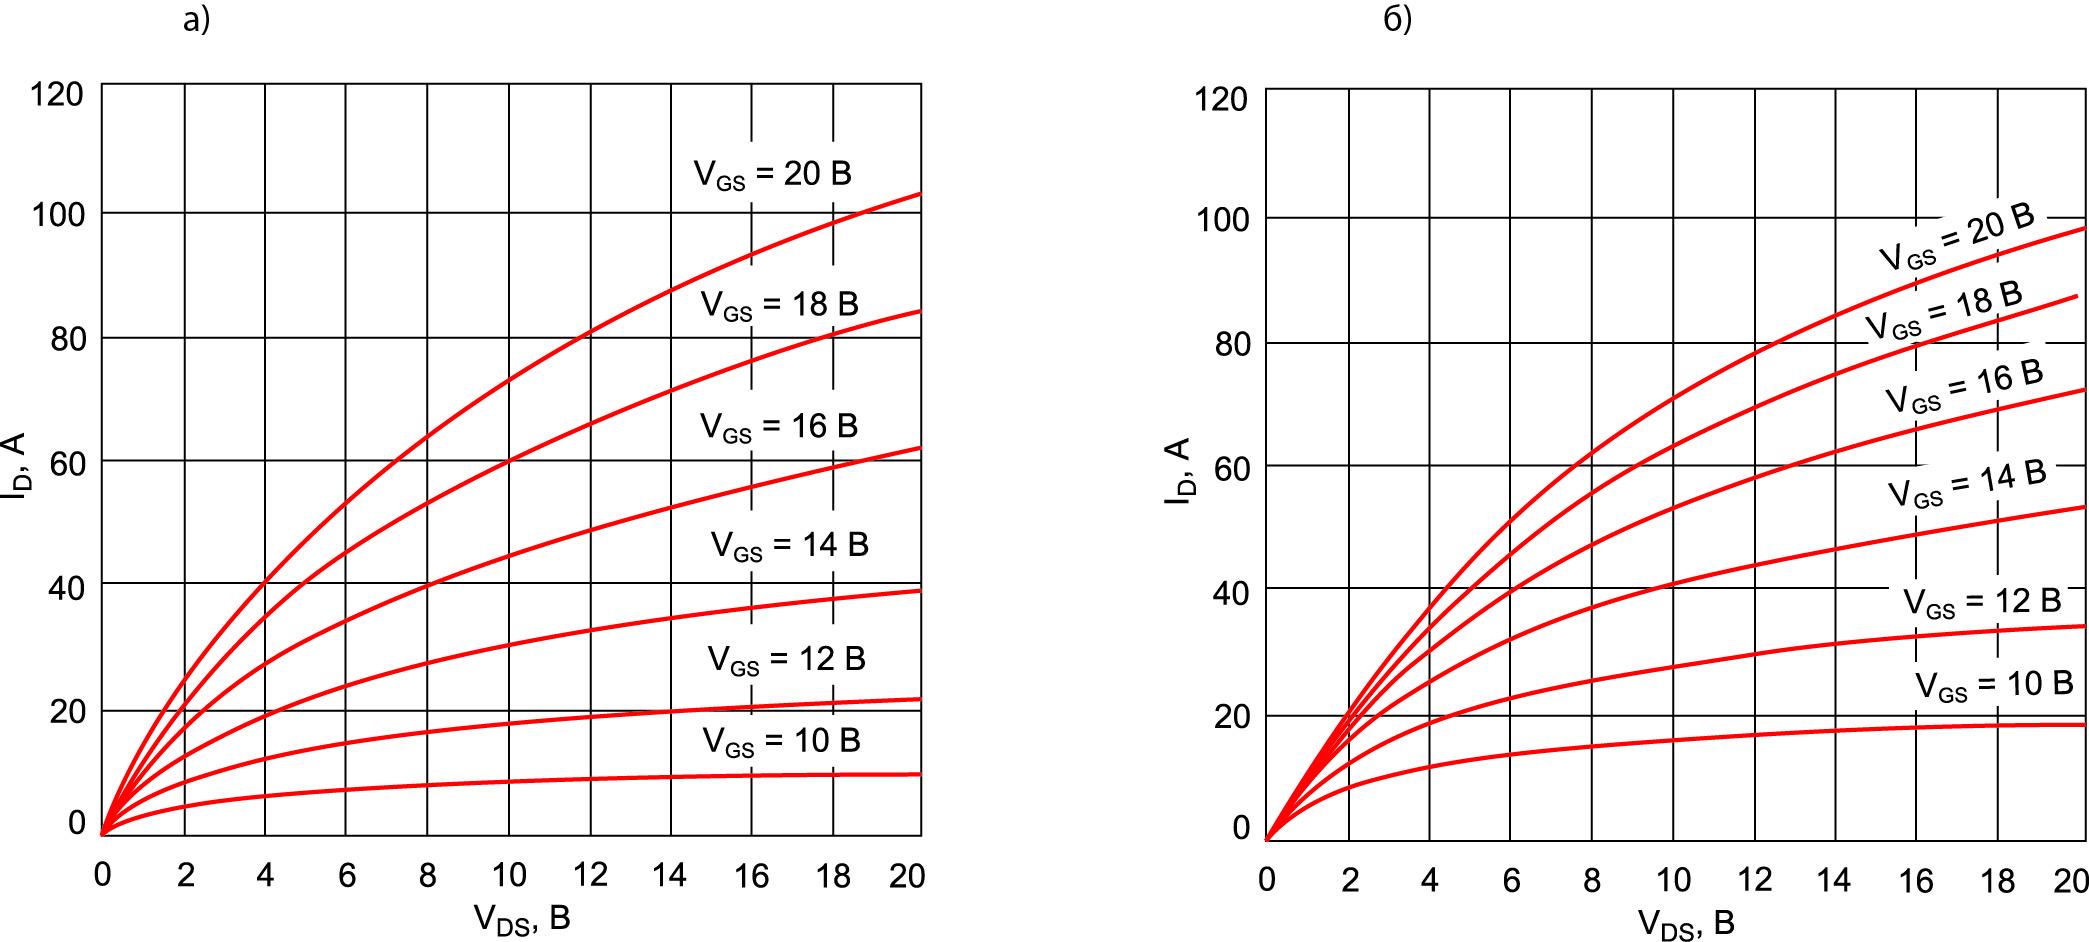 Типовая выходная характеристика SiC MOSFET при температуре кристалла Tj